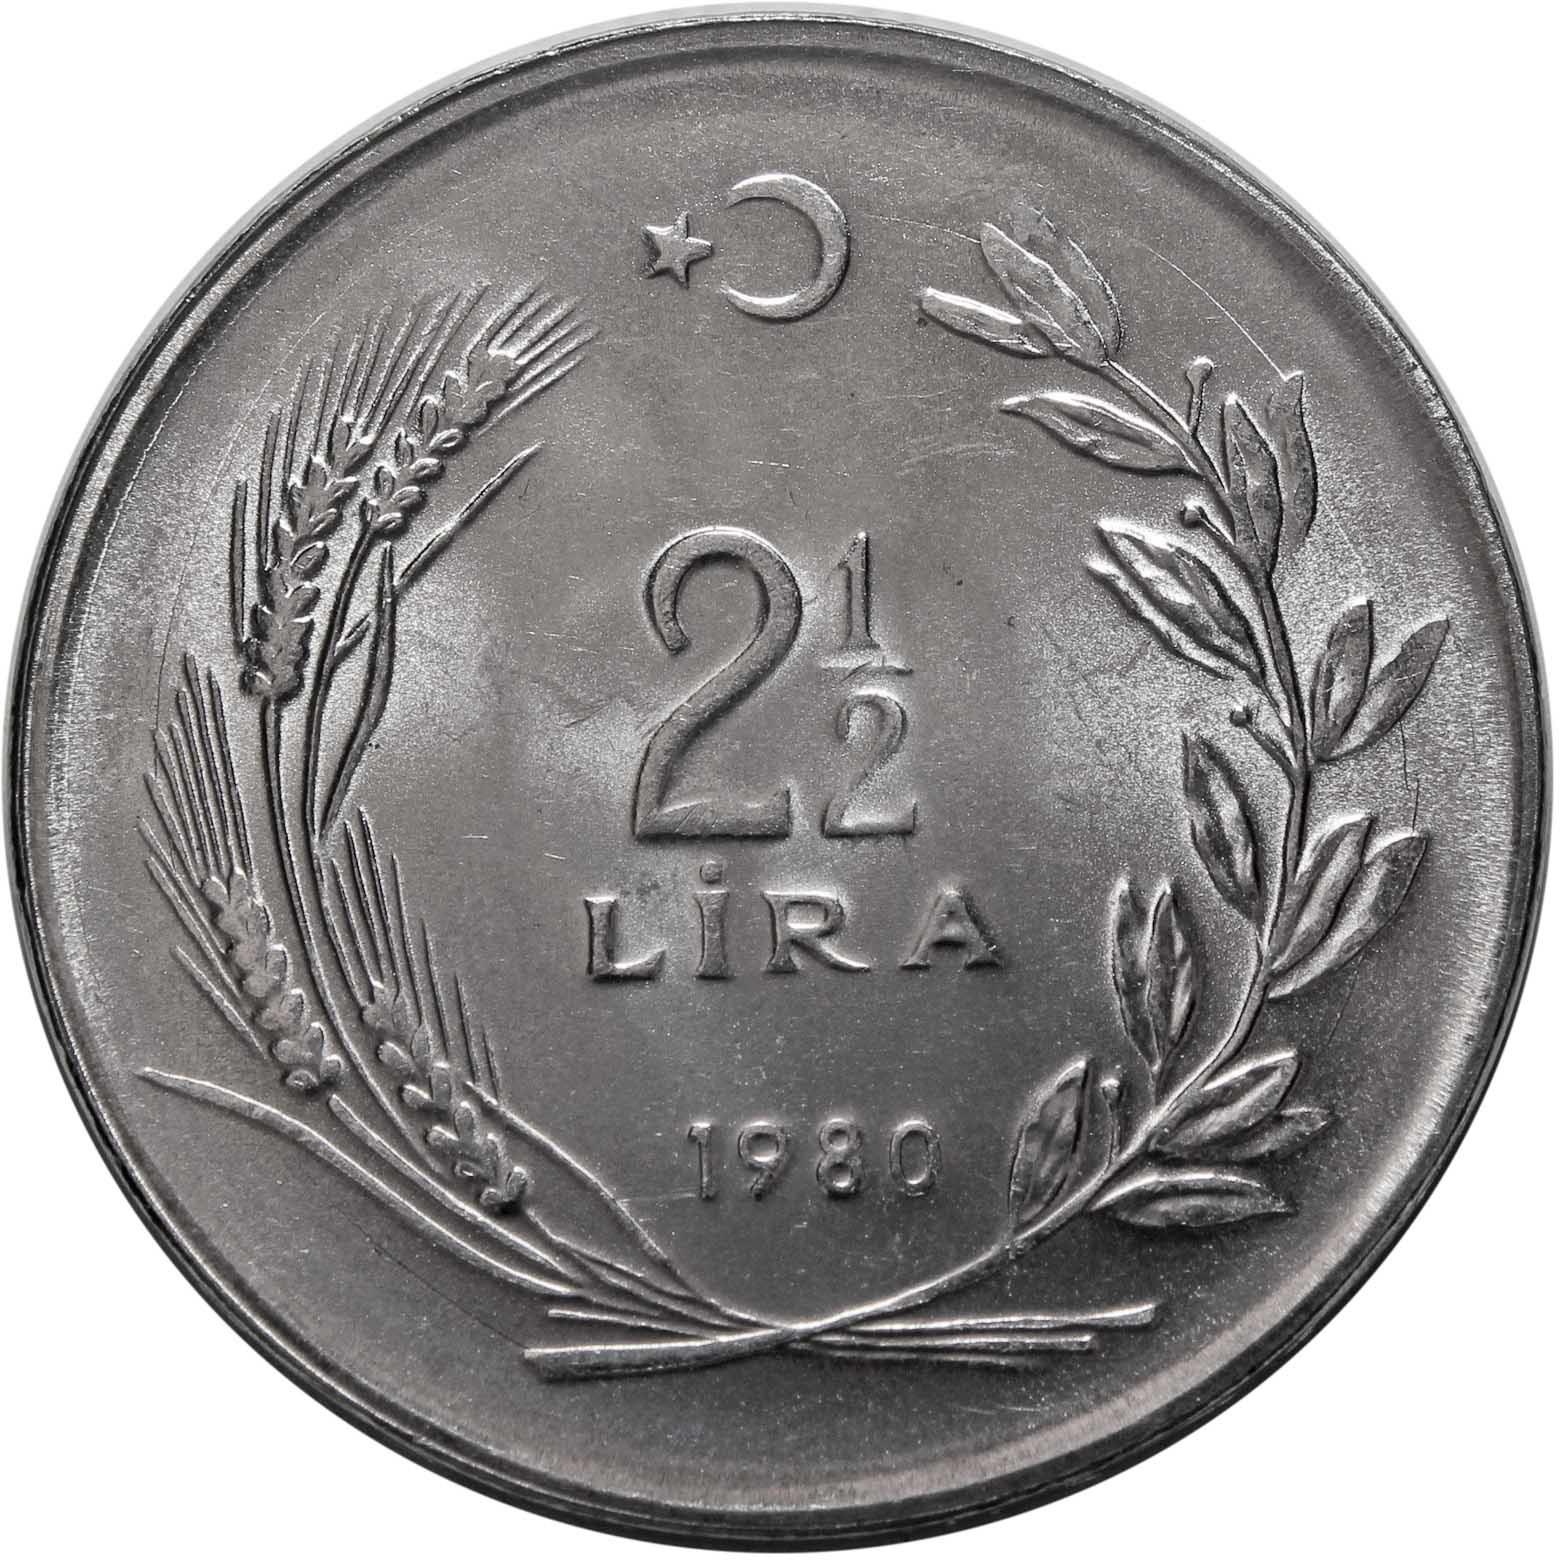 2,5 лиры. Турция. 1980 год. UNC